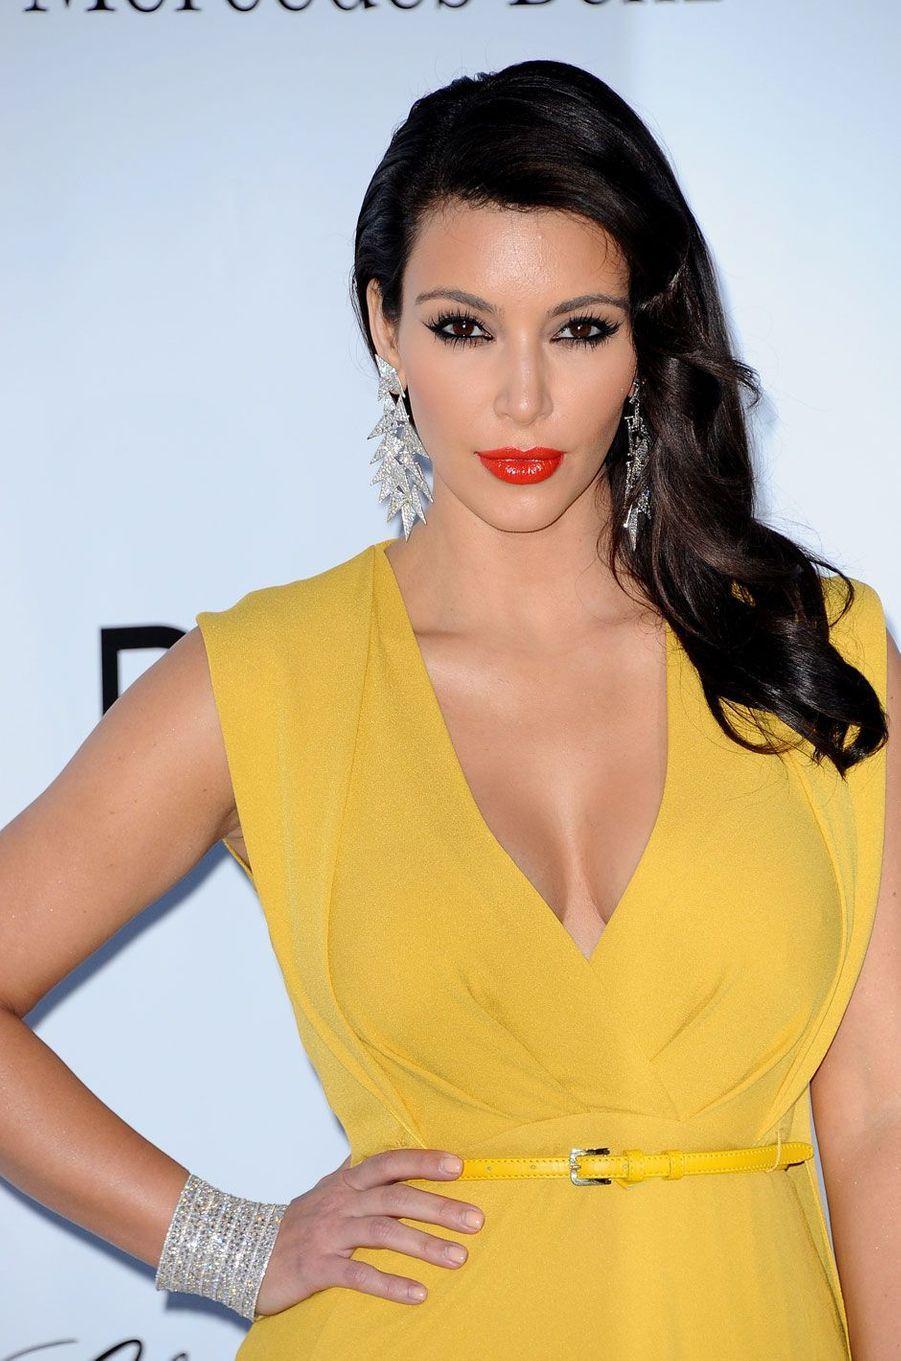 Kim Kardashian s'est fait voler pour 10 millions d'euros de bijoux alors qu'elle était à Paris